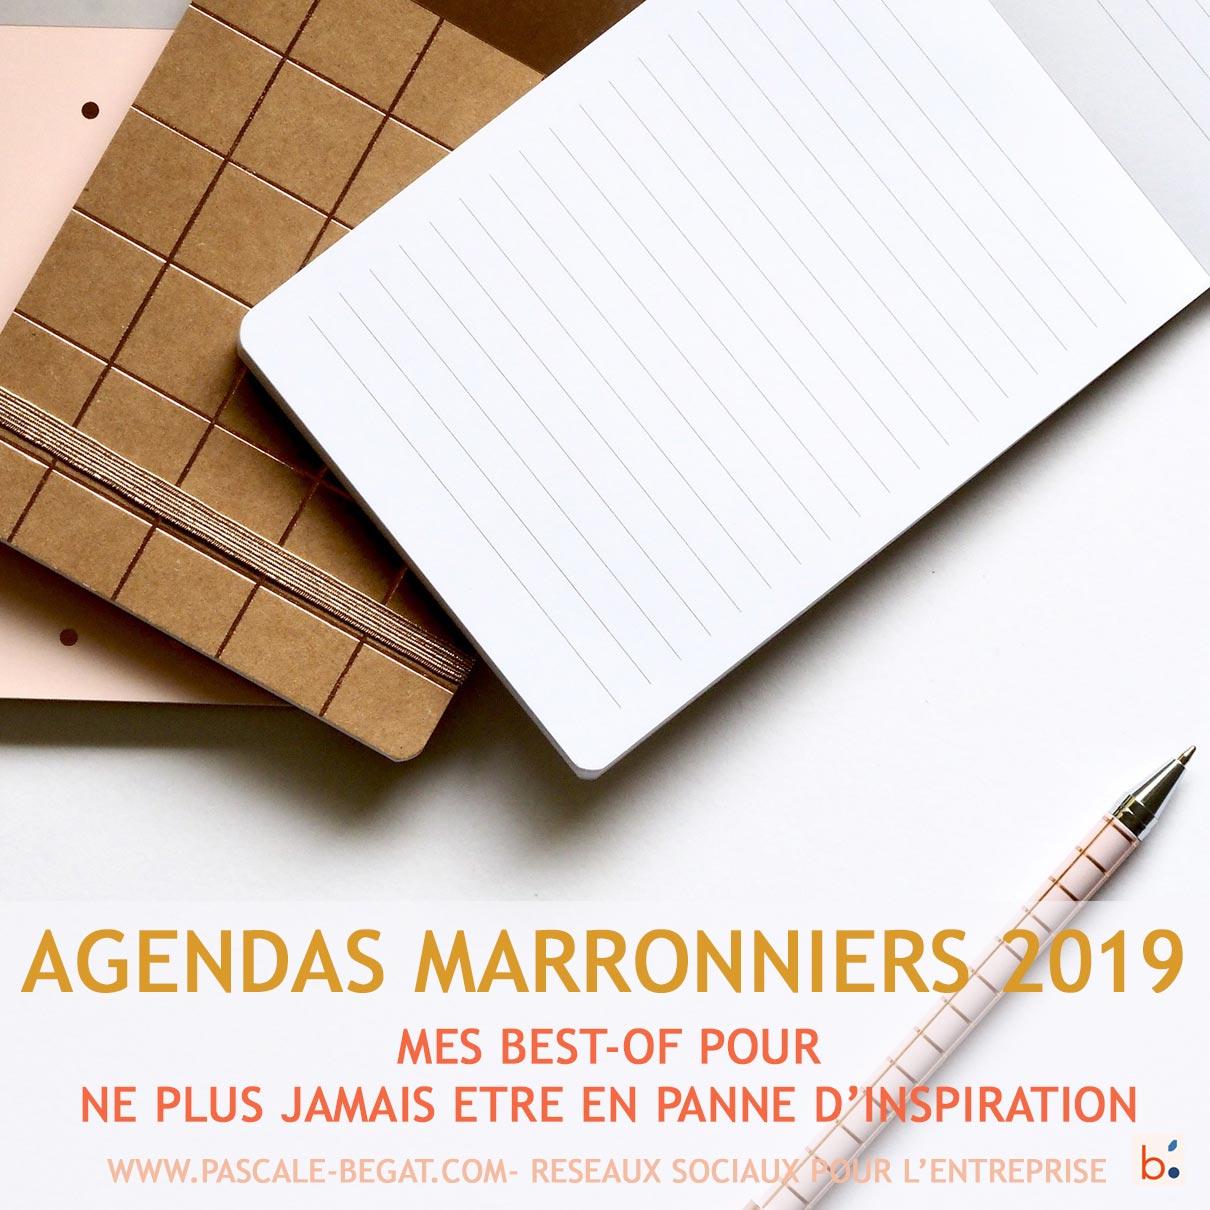 Agendas maronniers 2019 : mes best-of pour ne plus jamais être en panne d'inspiration pour votre blog et vos réseaux sociaux